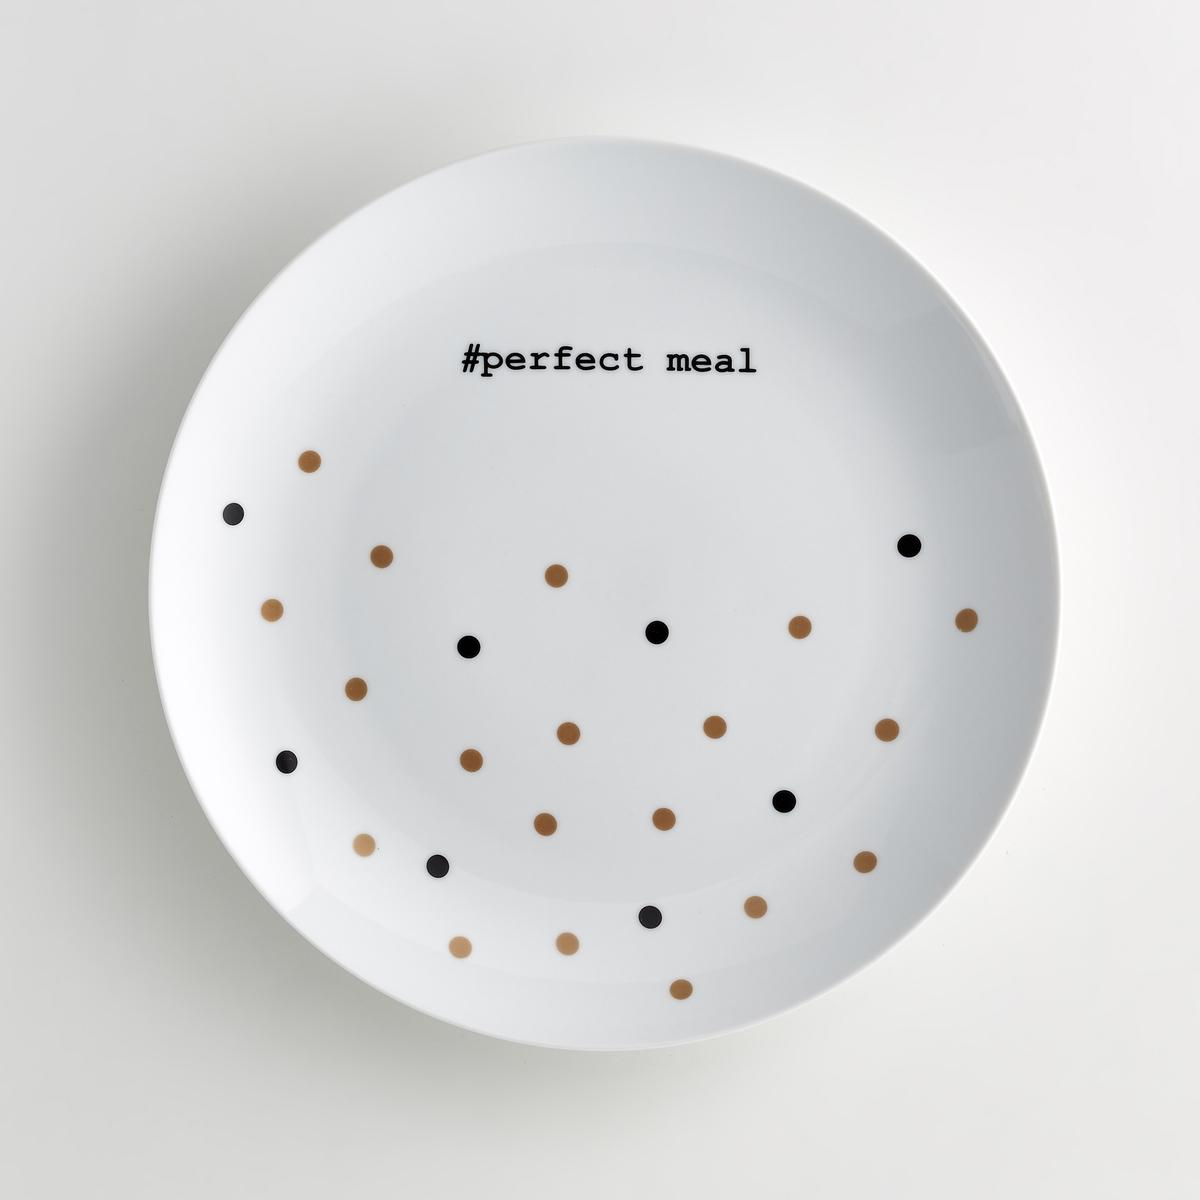 Блюдо круглое из фарфора, KublerХарактеристики блюда из фарфора Kubler :- Блюдо круглое из фарфора  - Диаметр : 30 см - Подходят для посудомоечной машиныНайдите комплект посуды из фарфора Kubler<br><br>Цвет: черный/золотистый